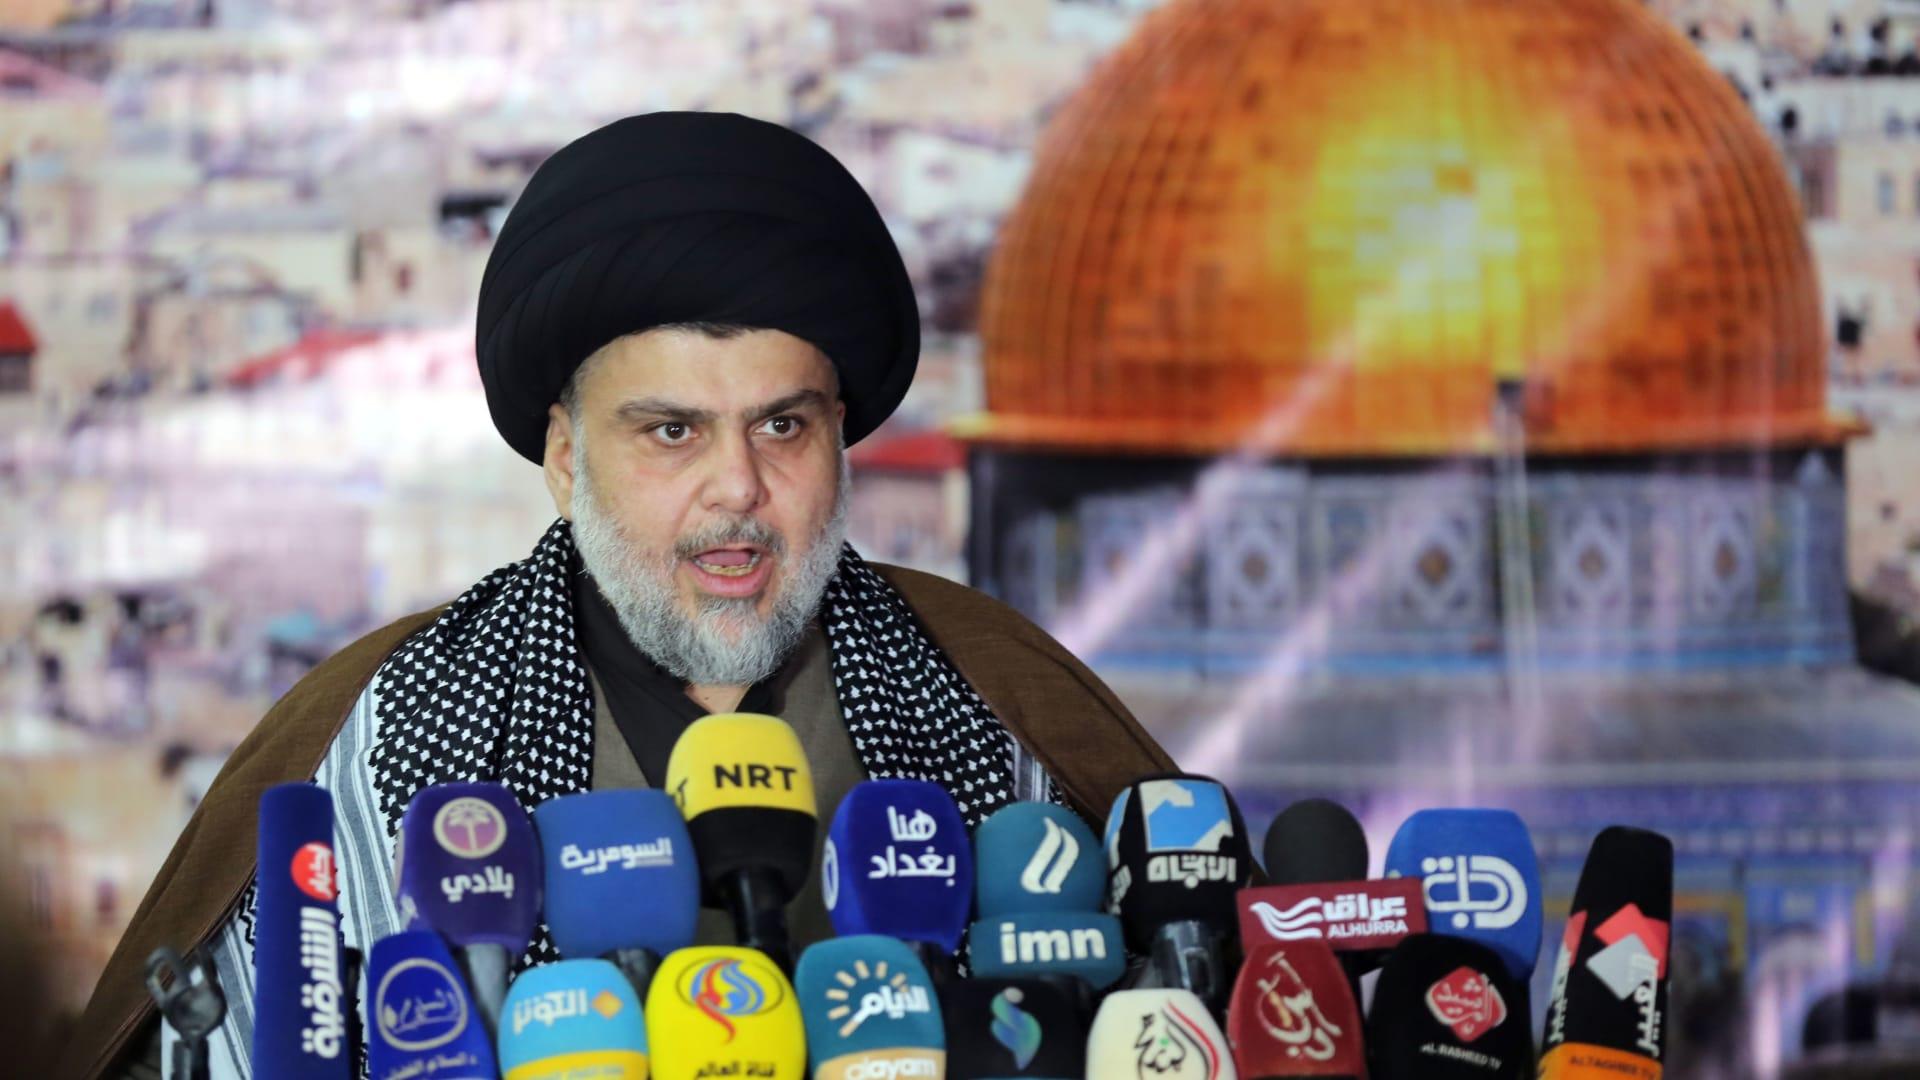 مقتدى الصدر ينتقد تحالف العبادي والعامري ويعزي العراقيين بسبب الطائفية